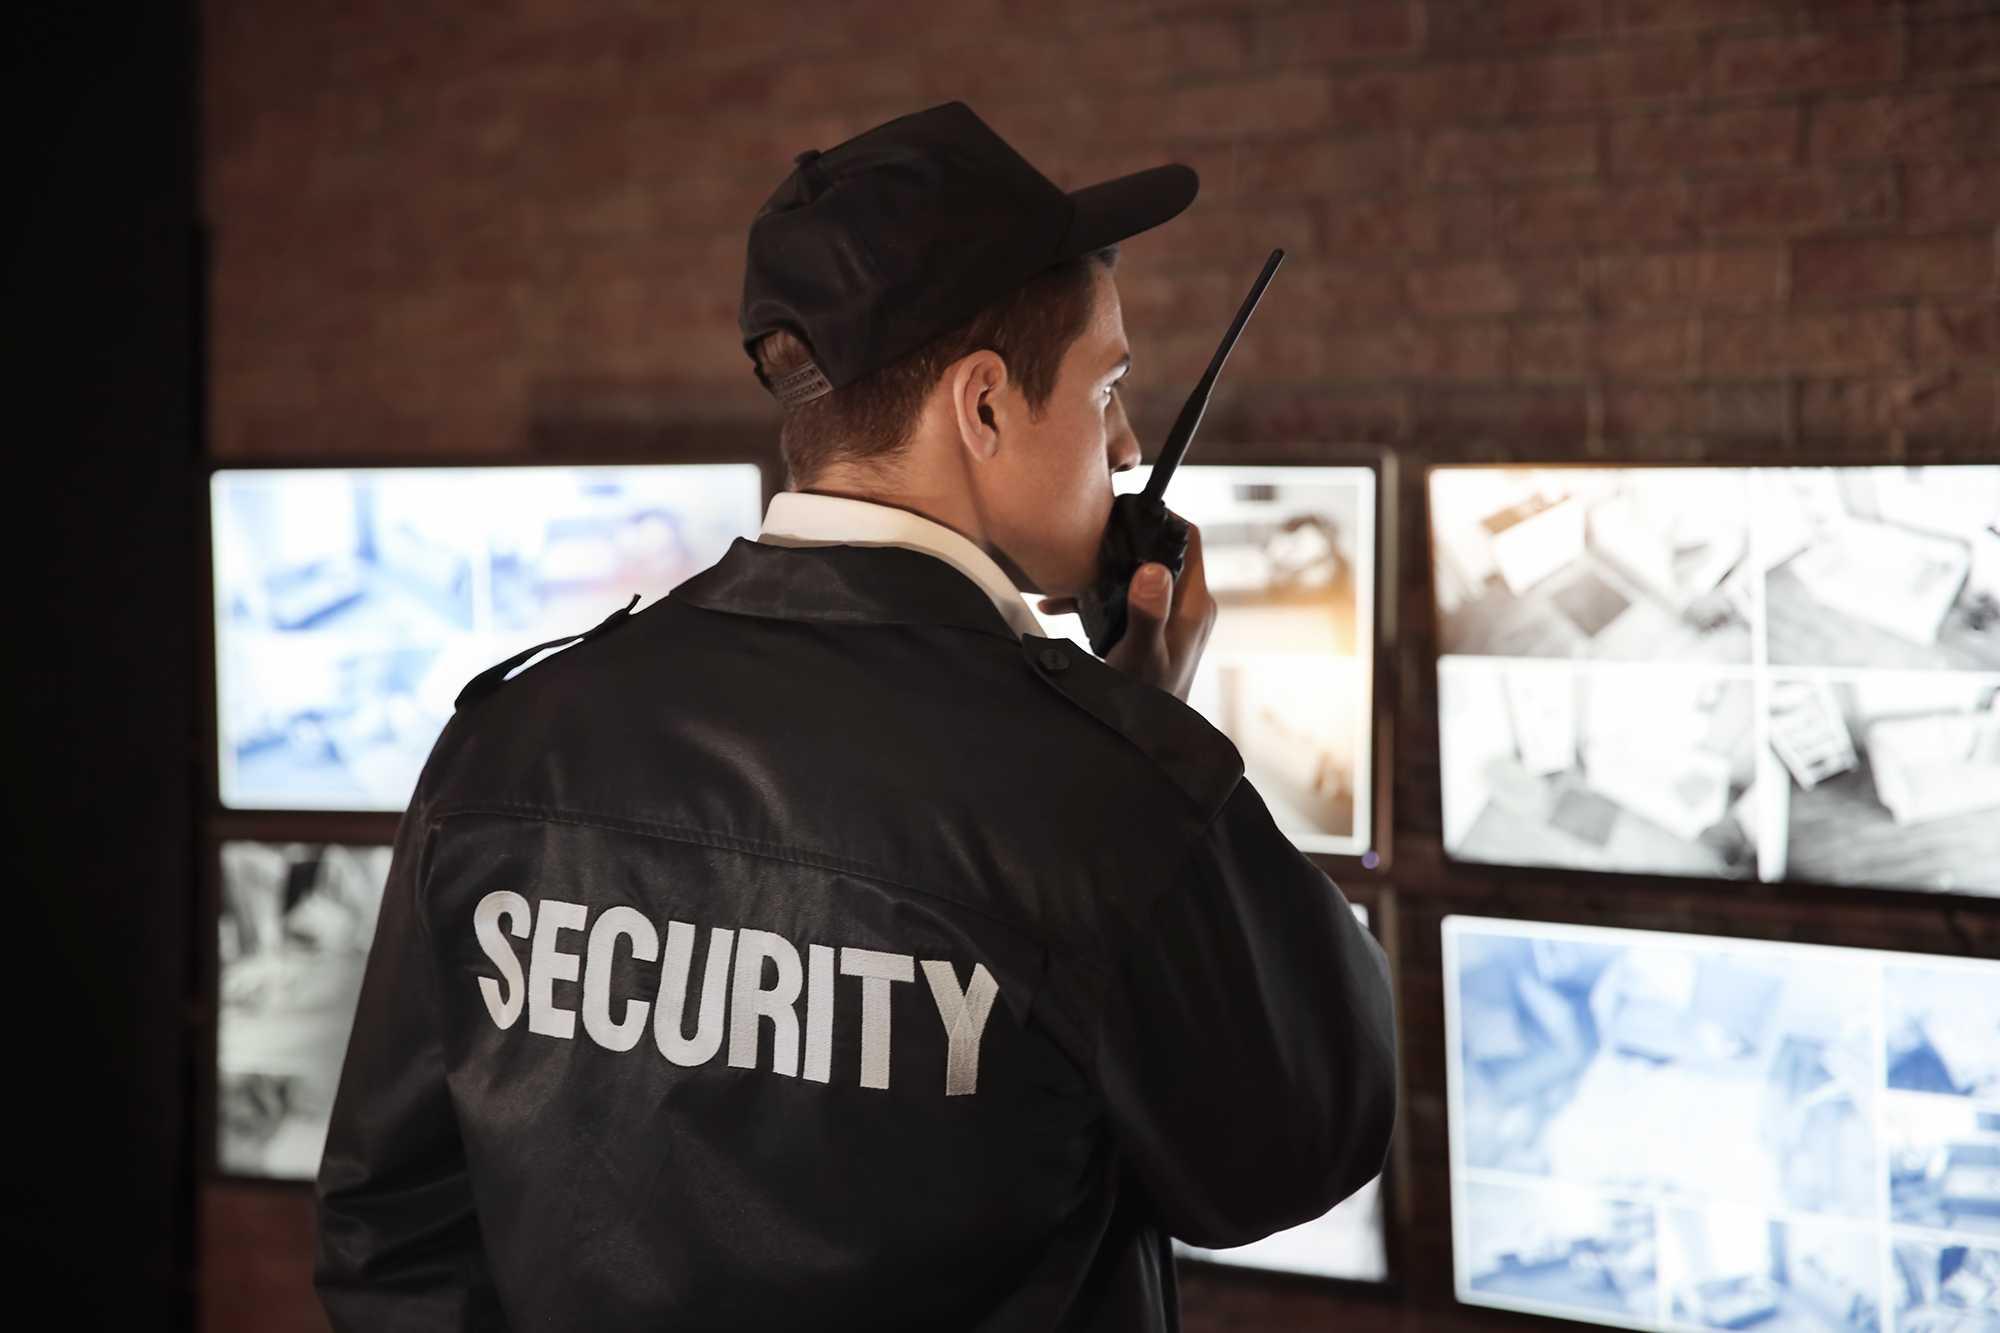 Как защитить свои личные данные от хакеров  | лаборатория касперского